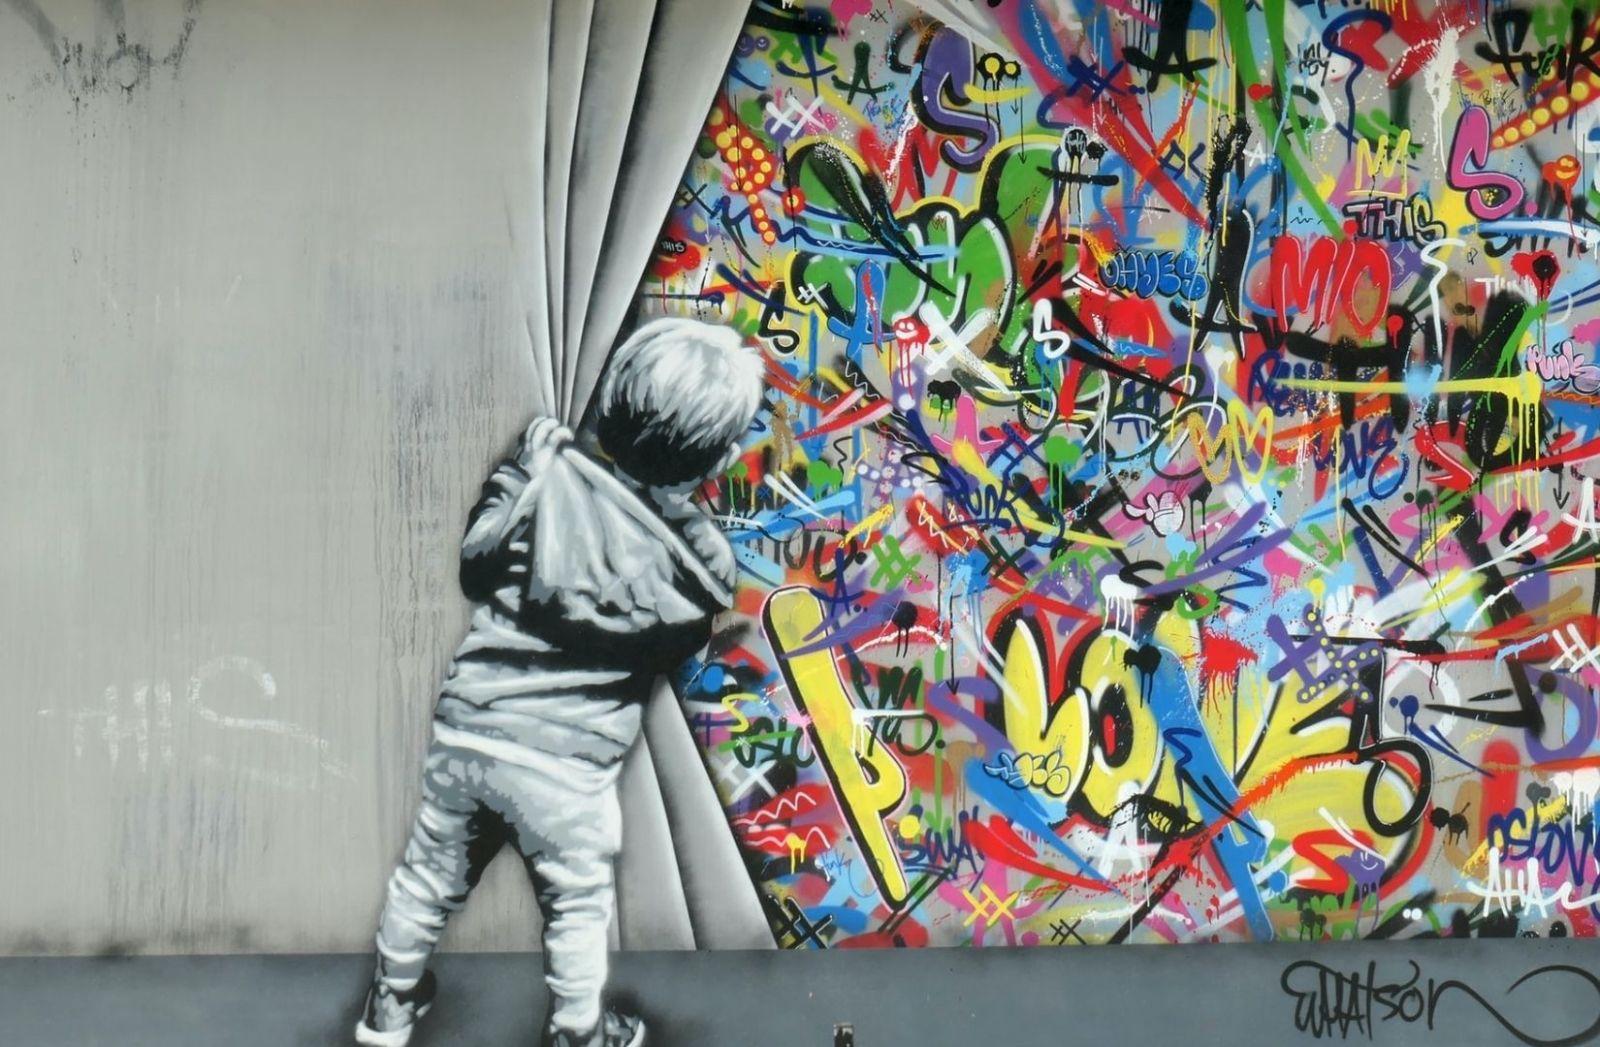 Fototapete mit einem Jungen, der die Vorhänge zurückzieht. (Foto: Ilse Orsel, Unsplash.com)